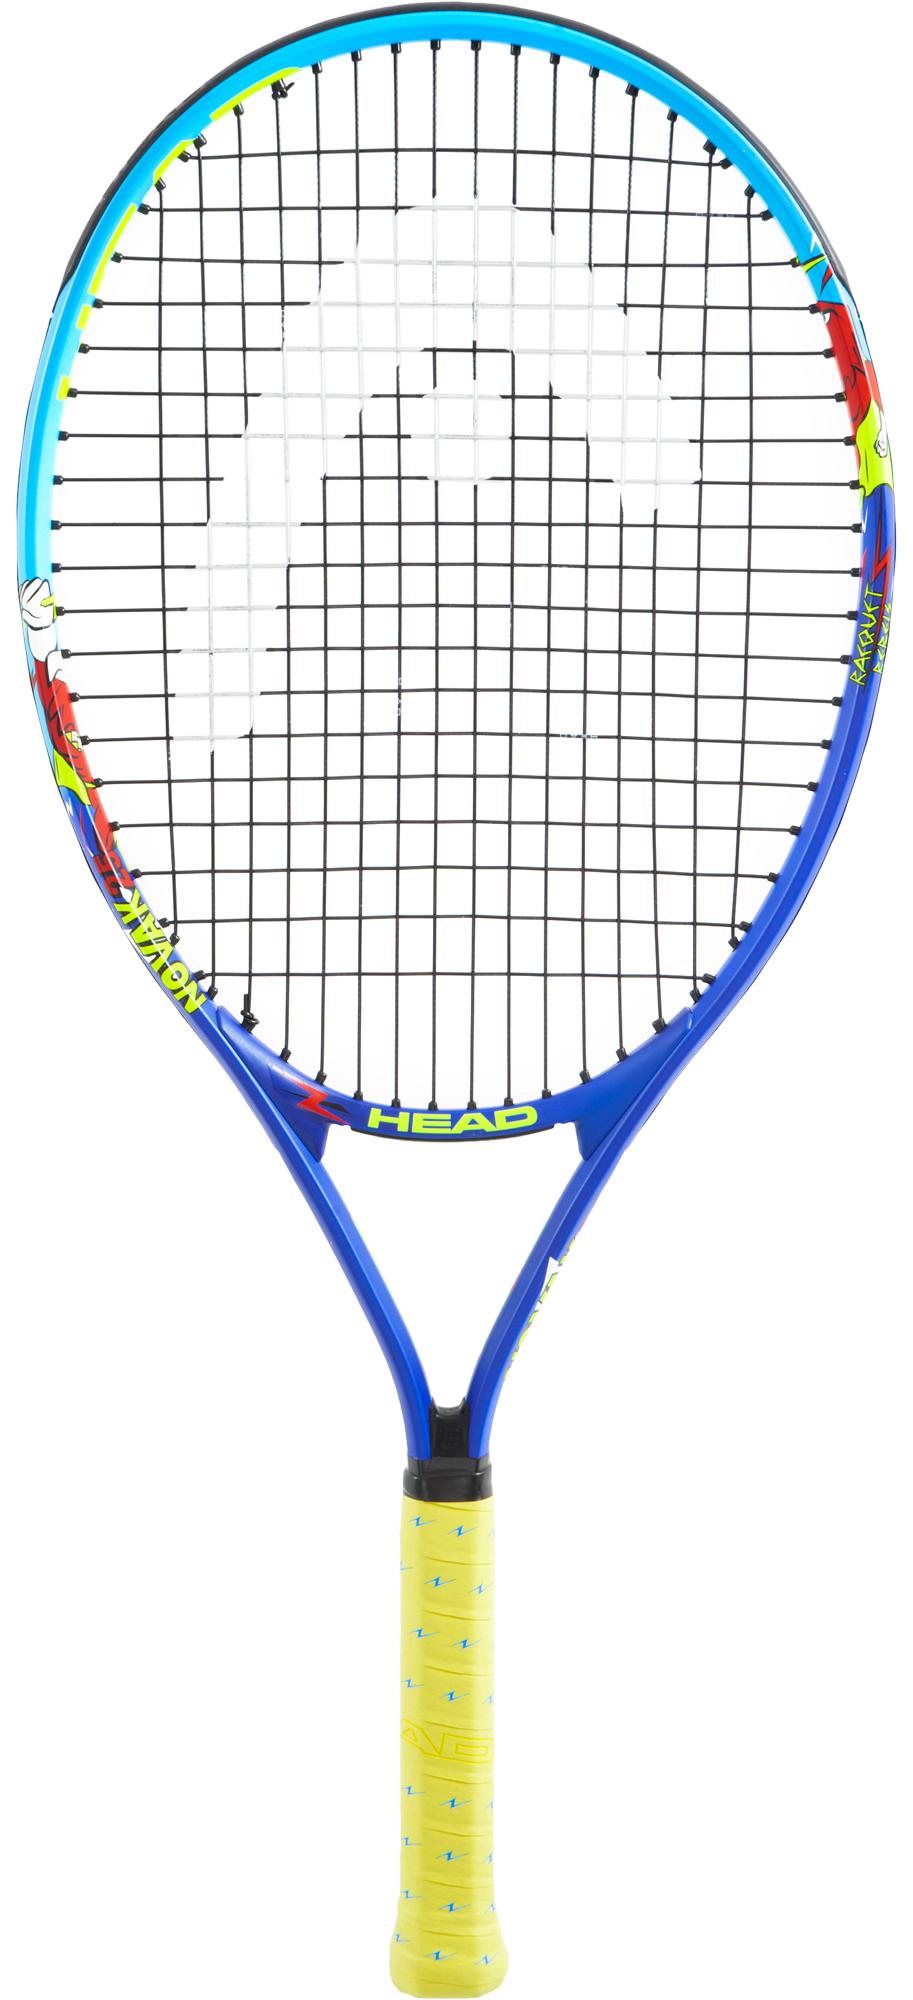 Head Ракетка для большого тенниса детская Head Novak 25, размер Без размера head ракетка для большого тенниса детская head novak 23 размер без размера